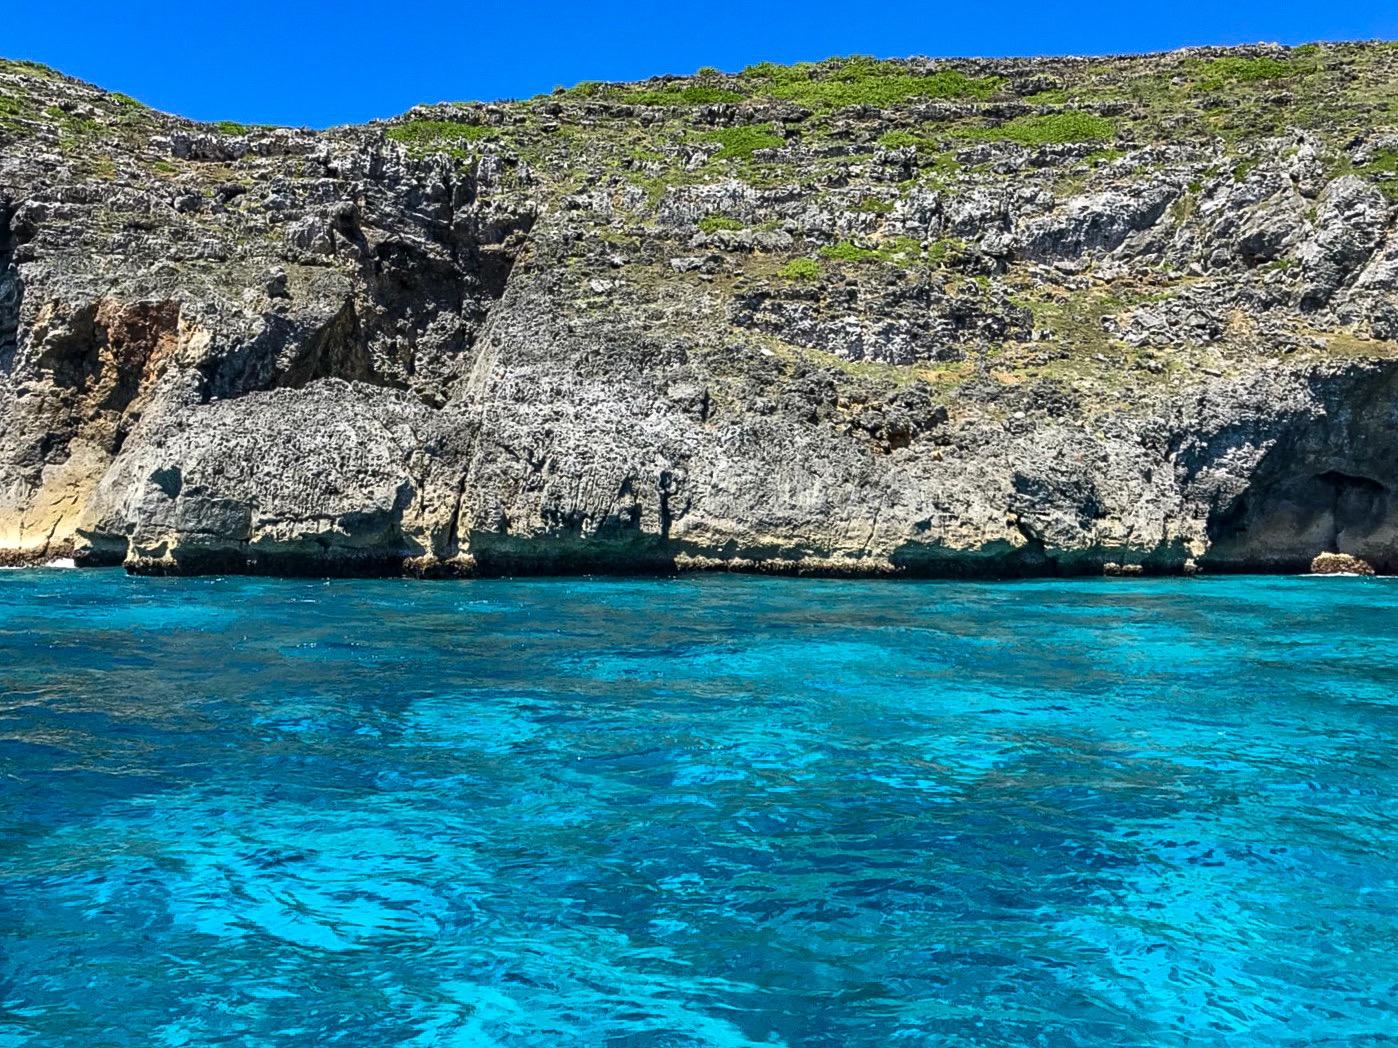 小笠原諸島への行き方(アクセス)や観光スポットとツアーや各種宿泊情報